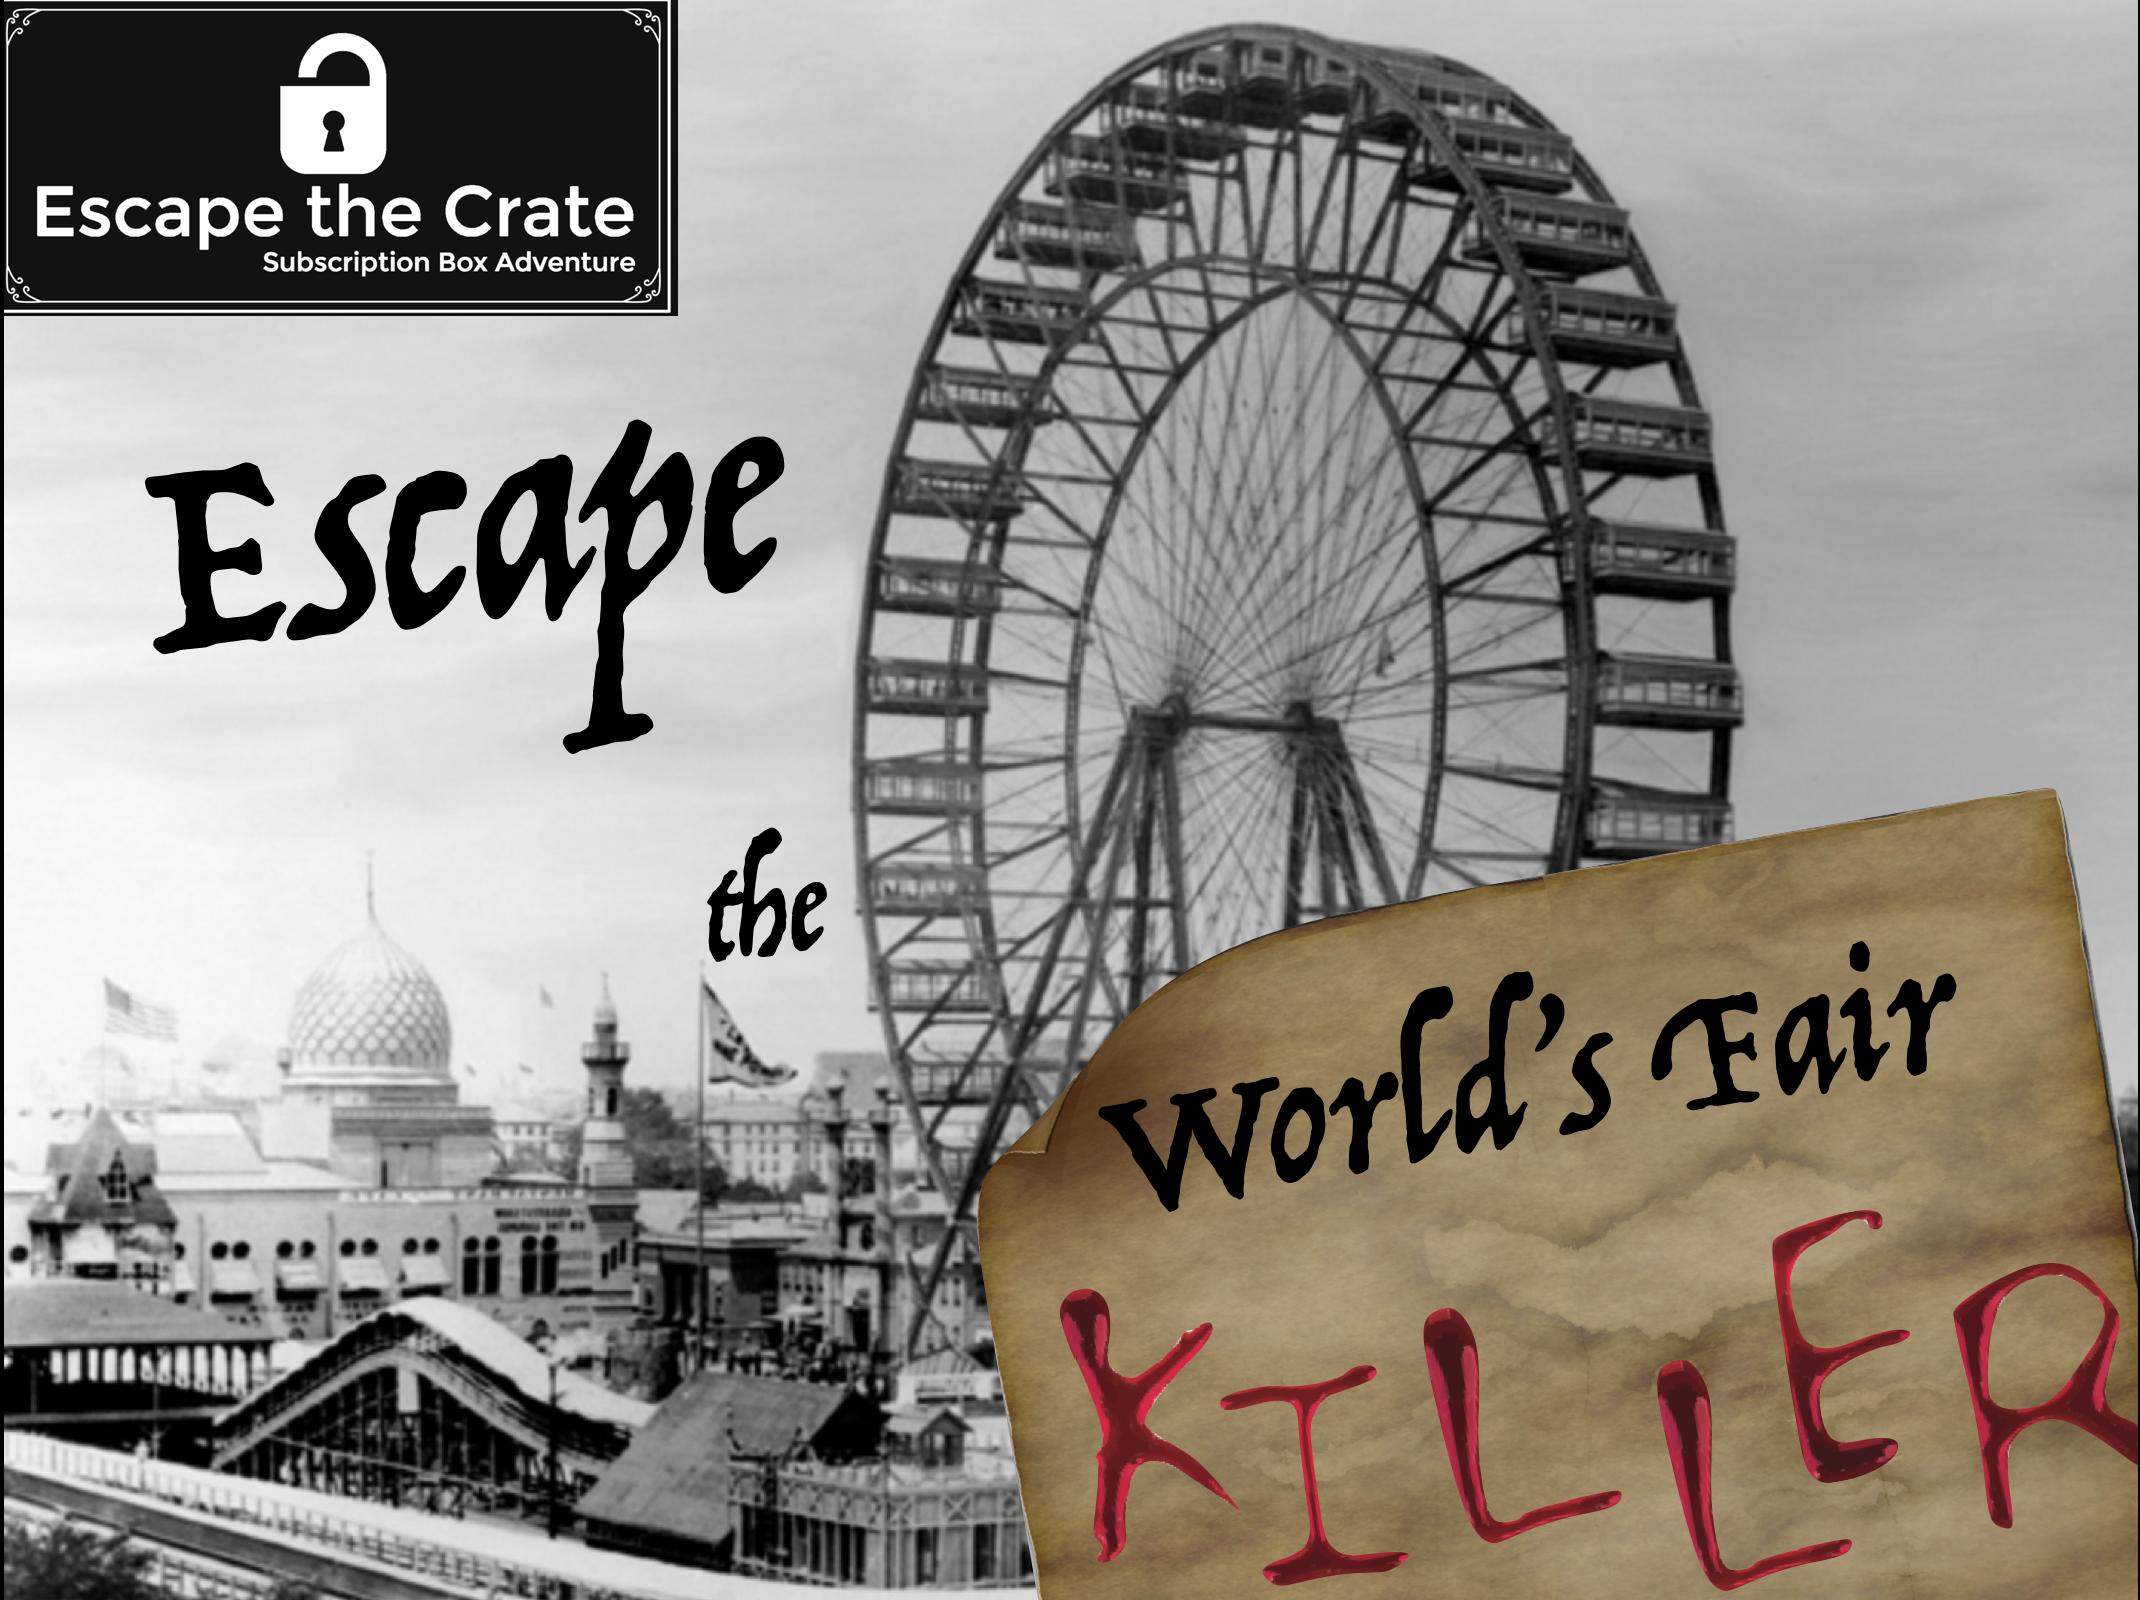 Escape The Crate